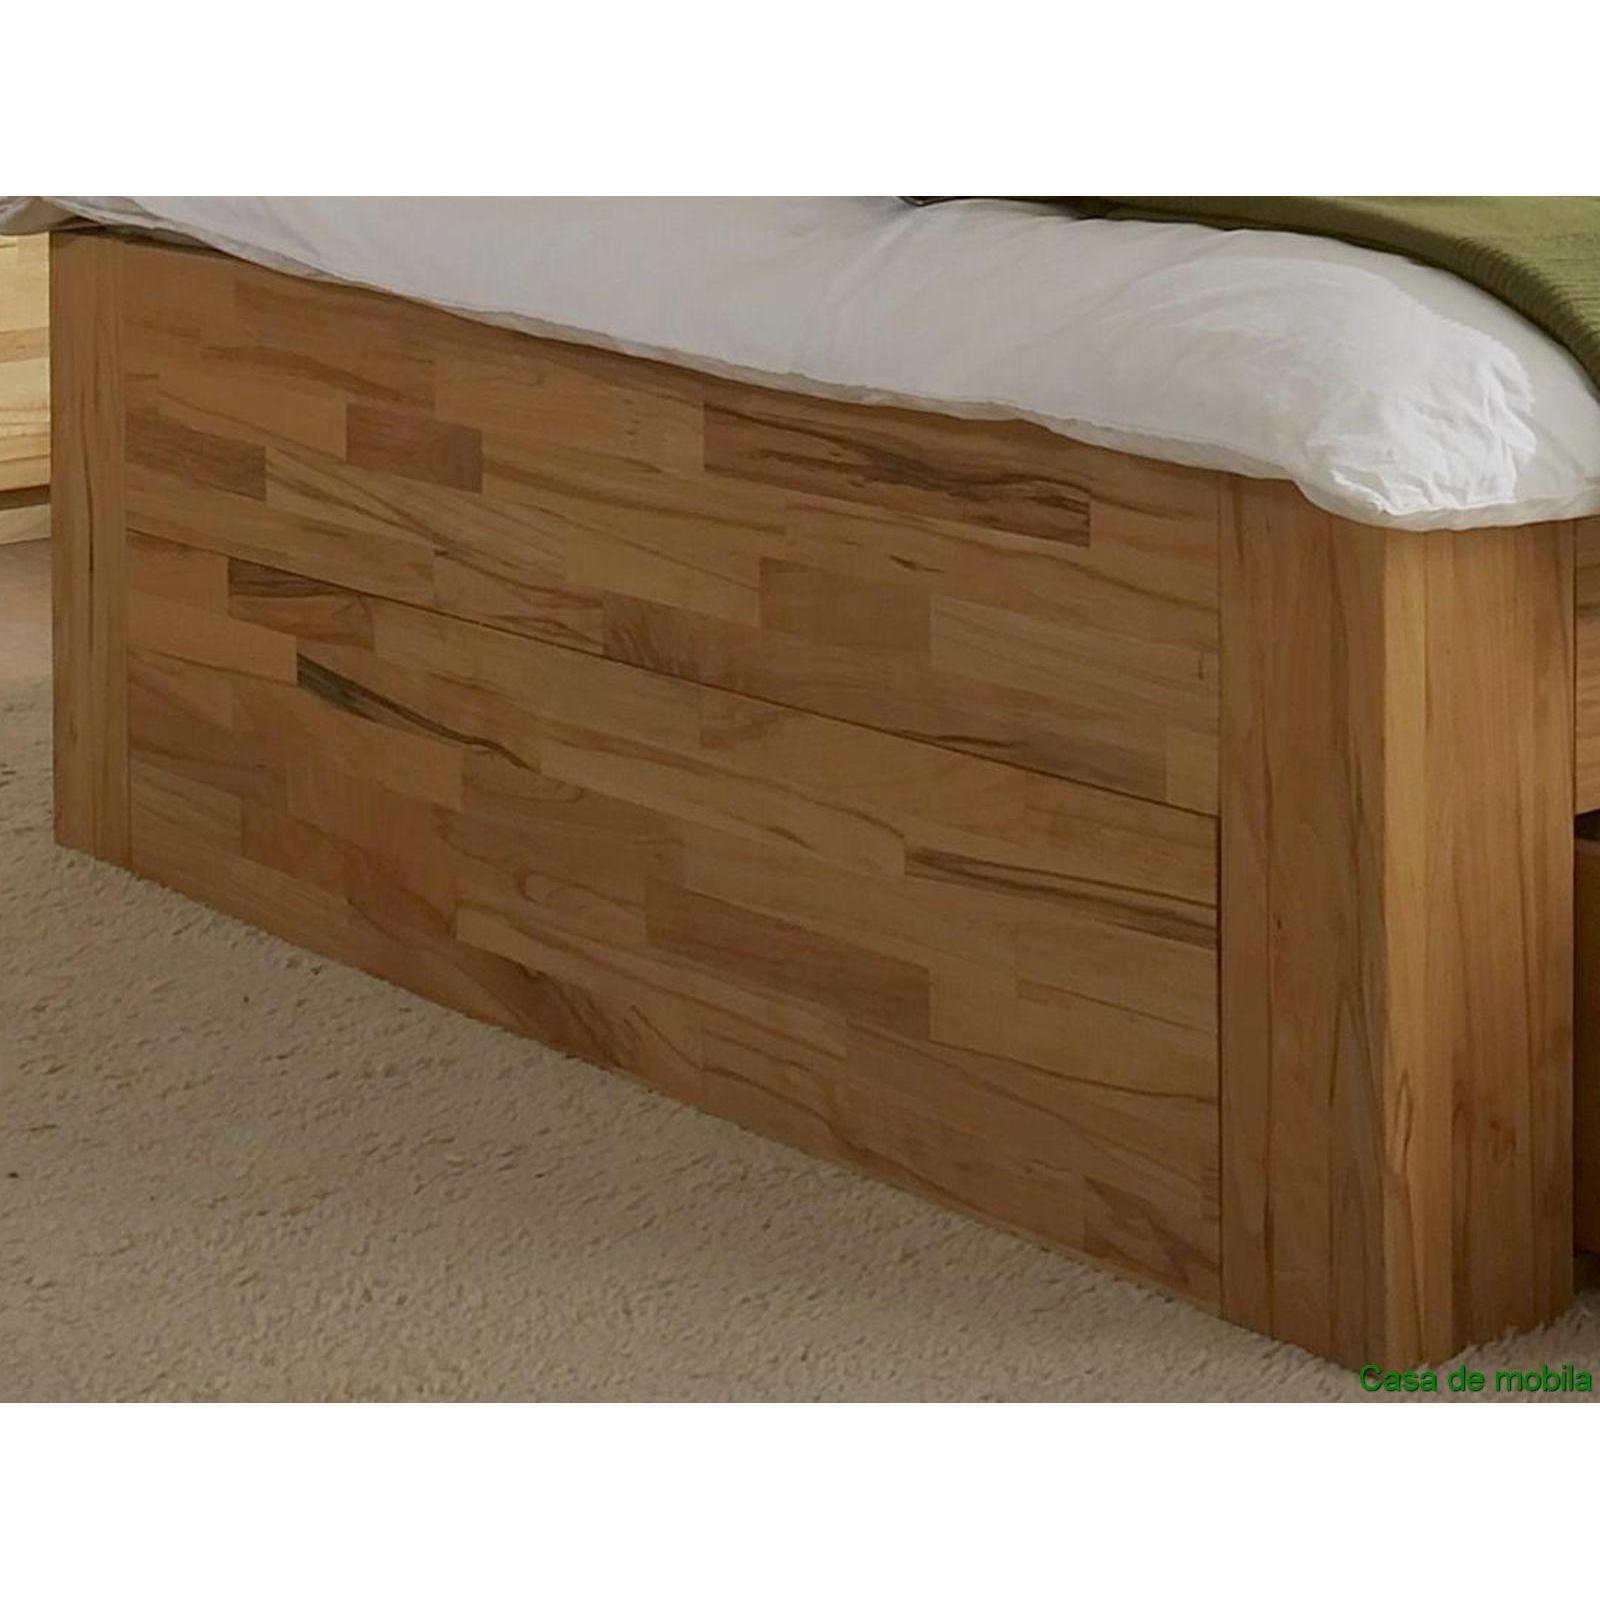 echtholz schlafzimmer komplett kernbuche buche massiv caro mit schubladen bett 180x200. Black Bedroom Furniture Sets. Home Design Ideas